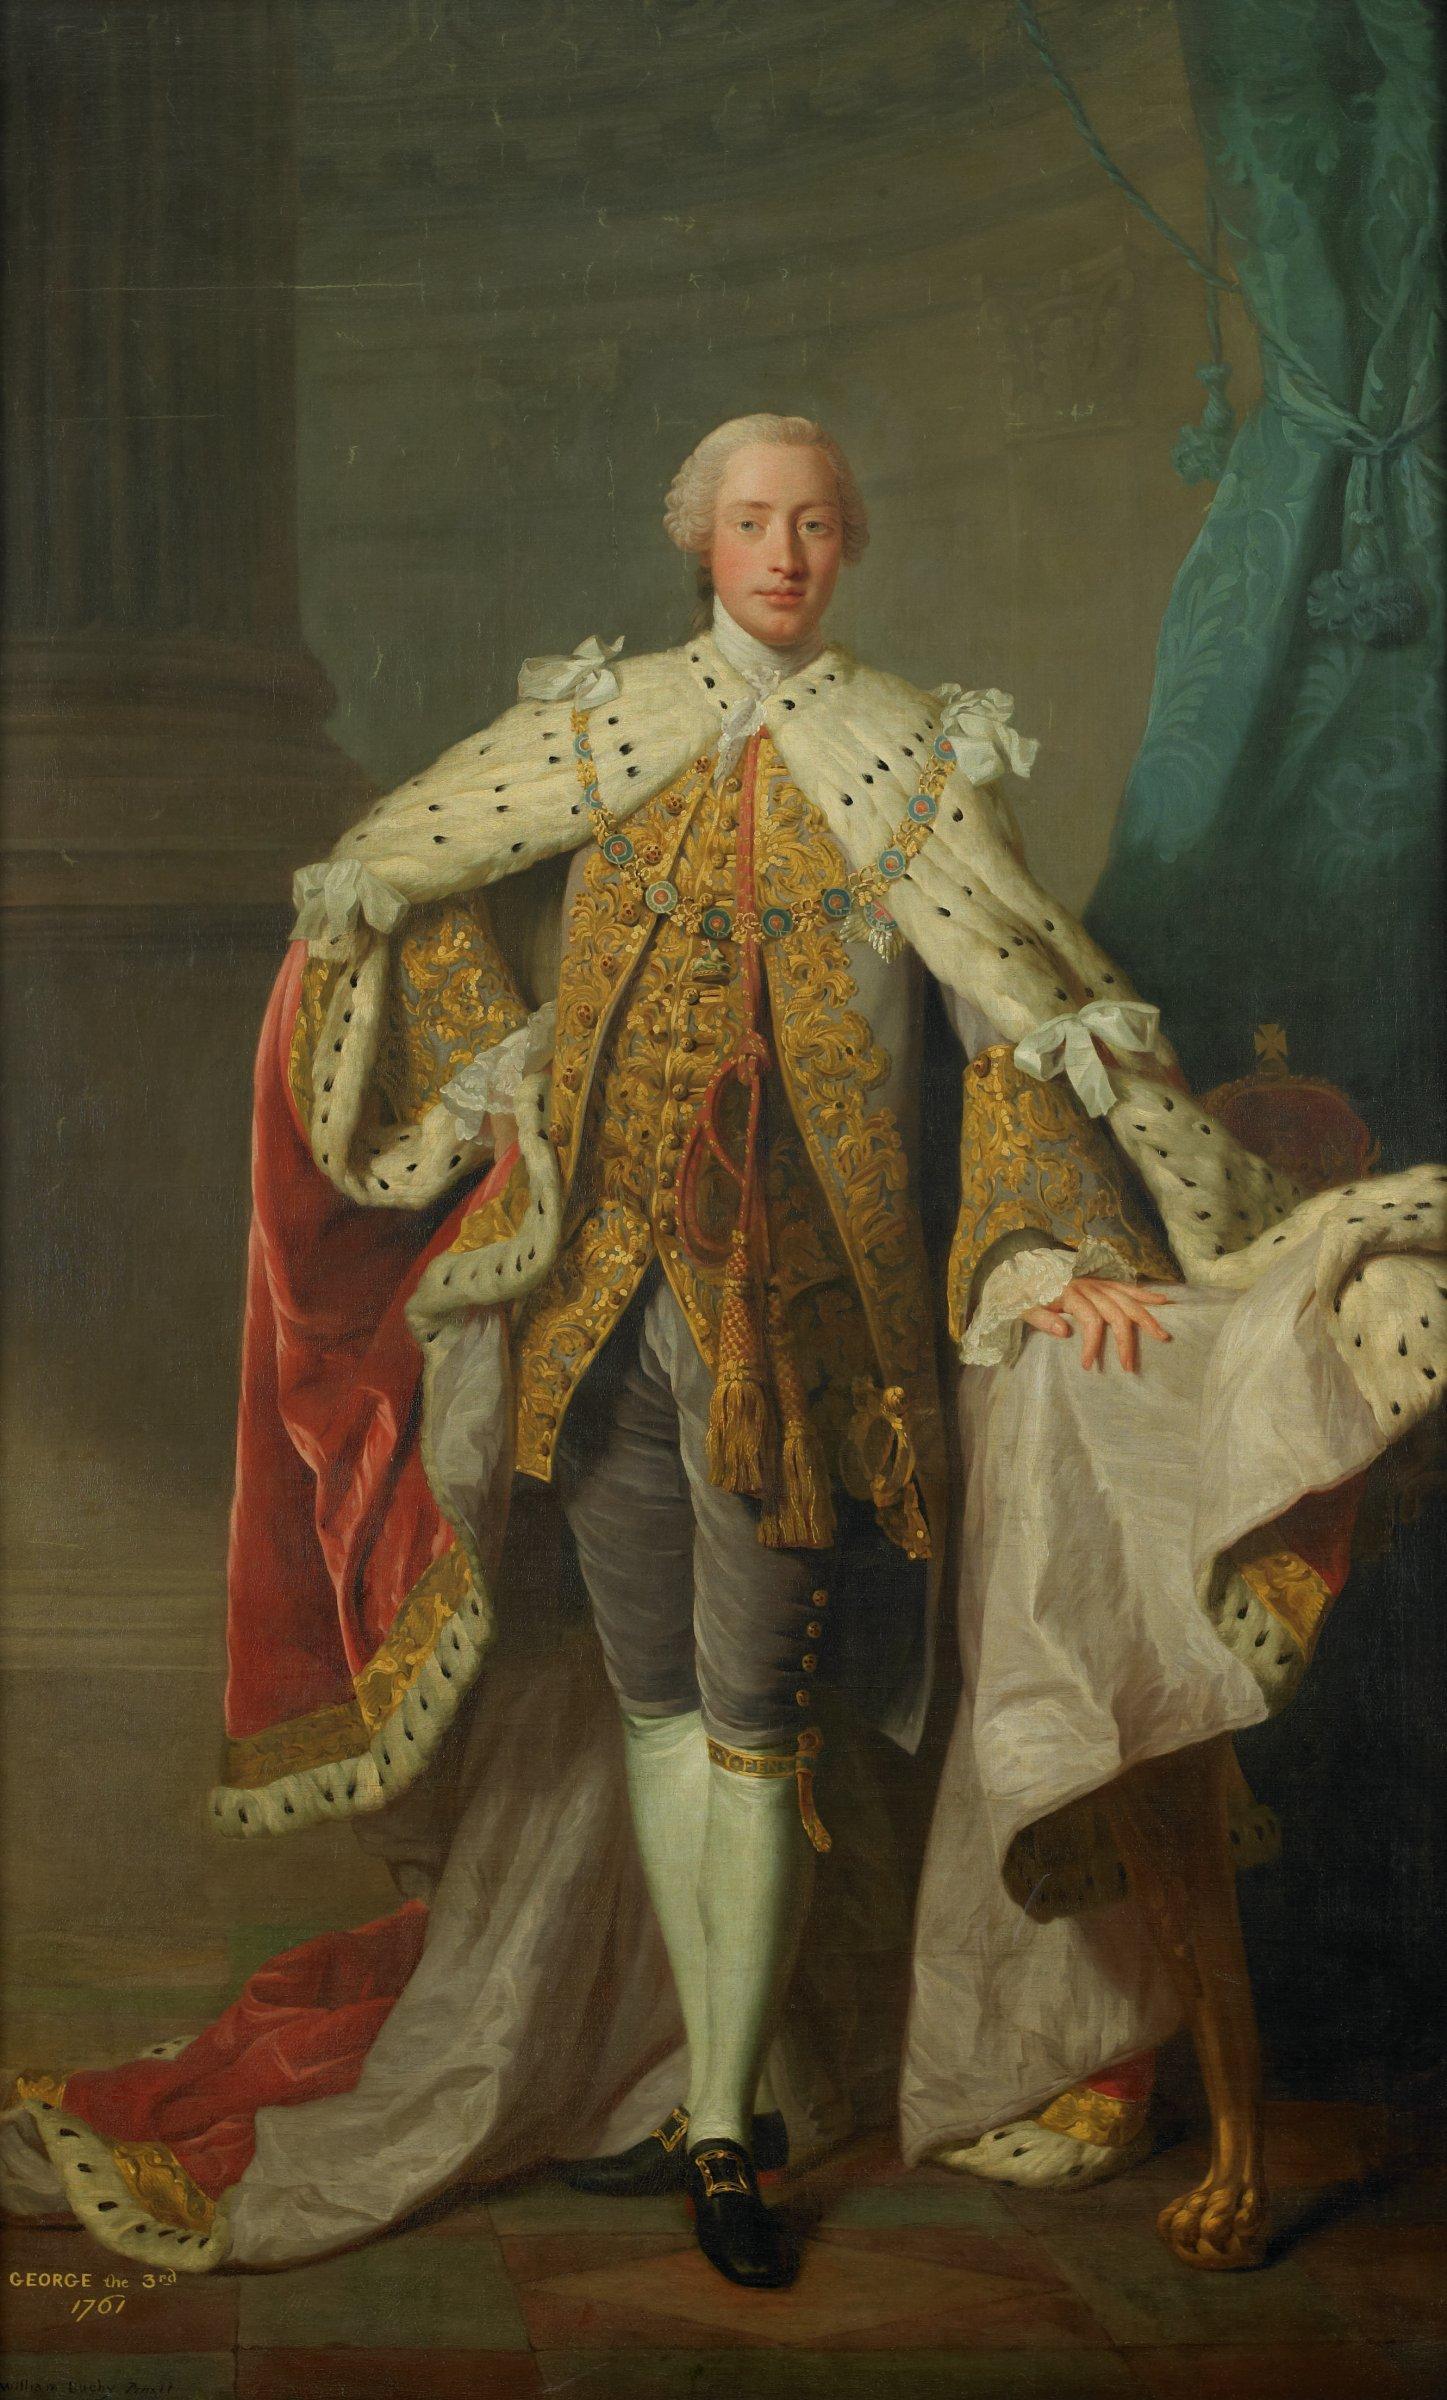 George III, William Buchy, oil on canvas